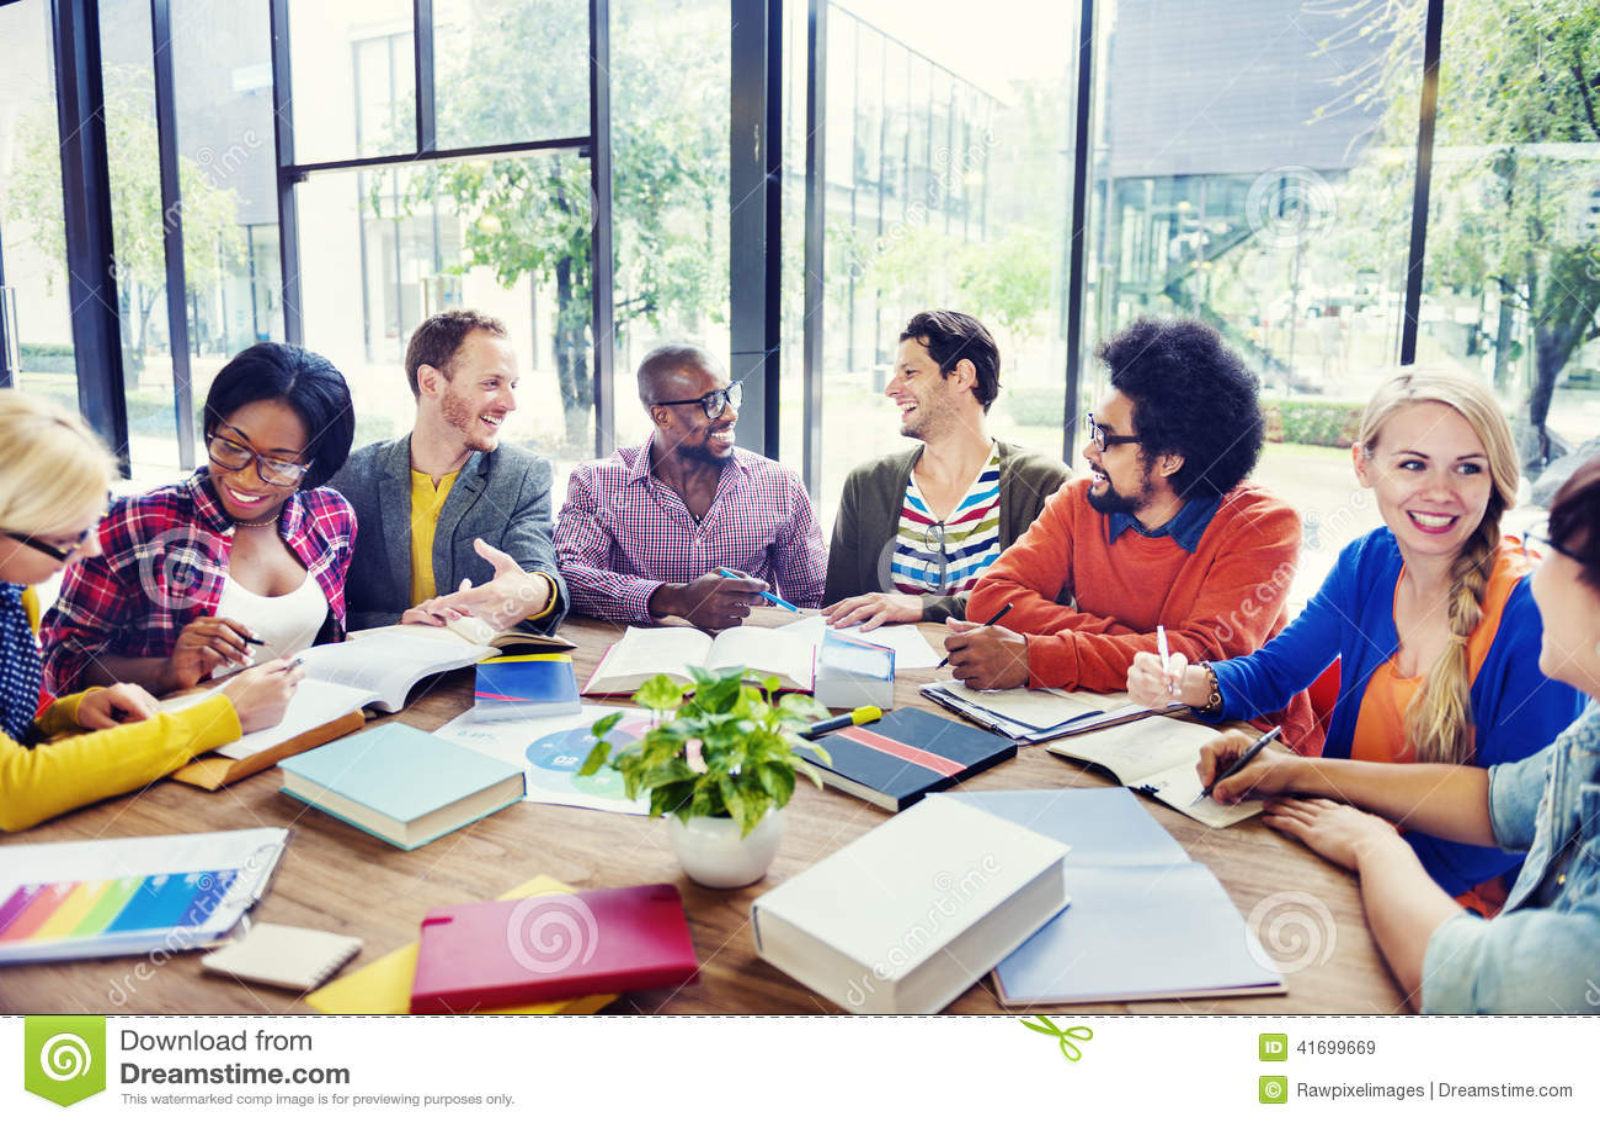 Multiethnische Gruppe von Personen, die zusammenarbeitet